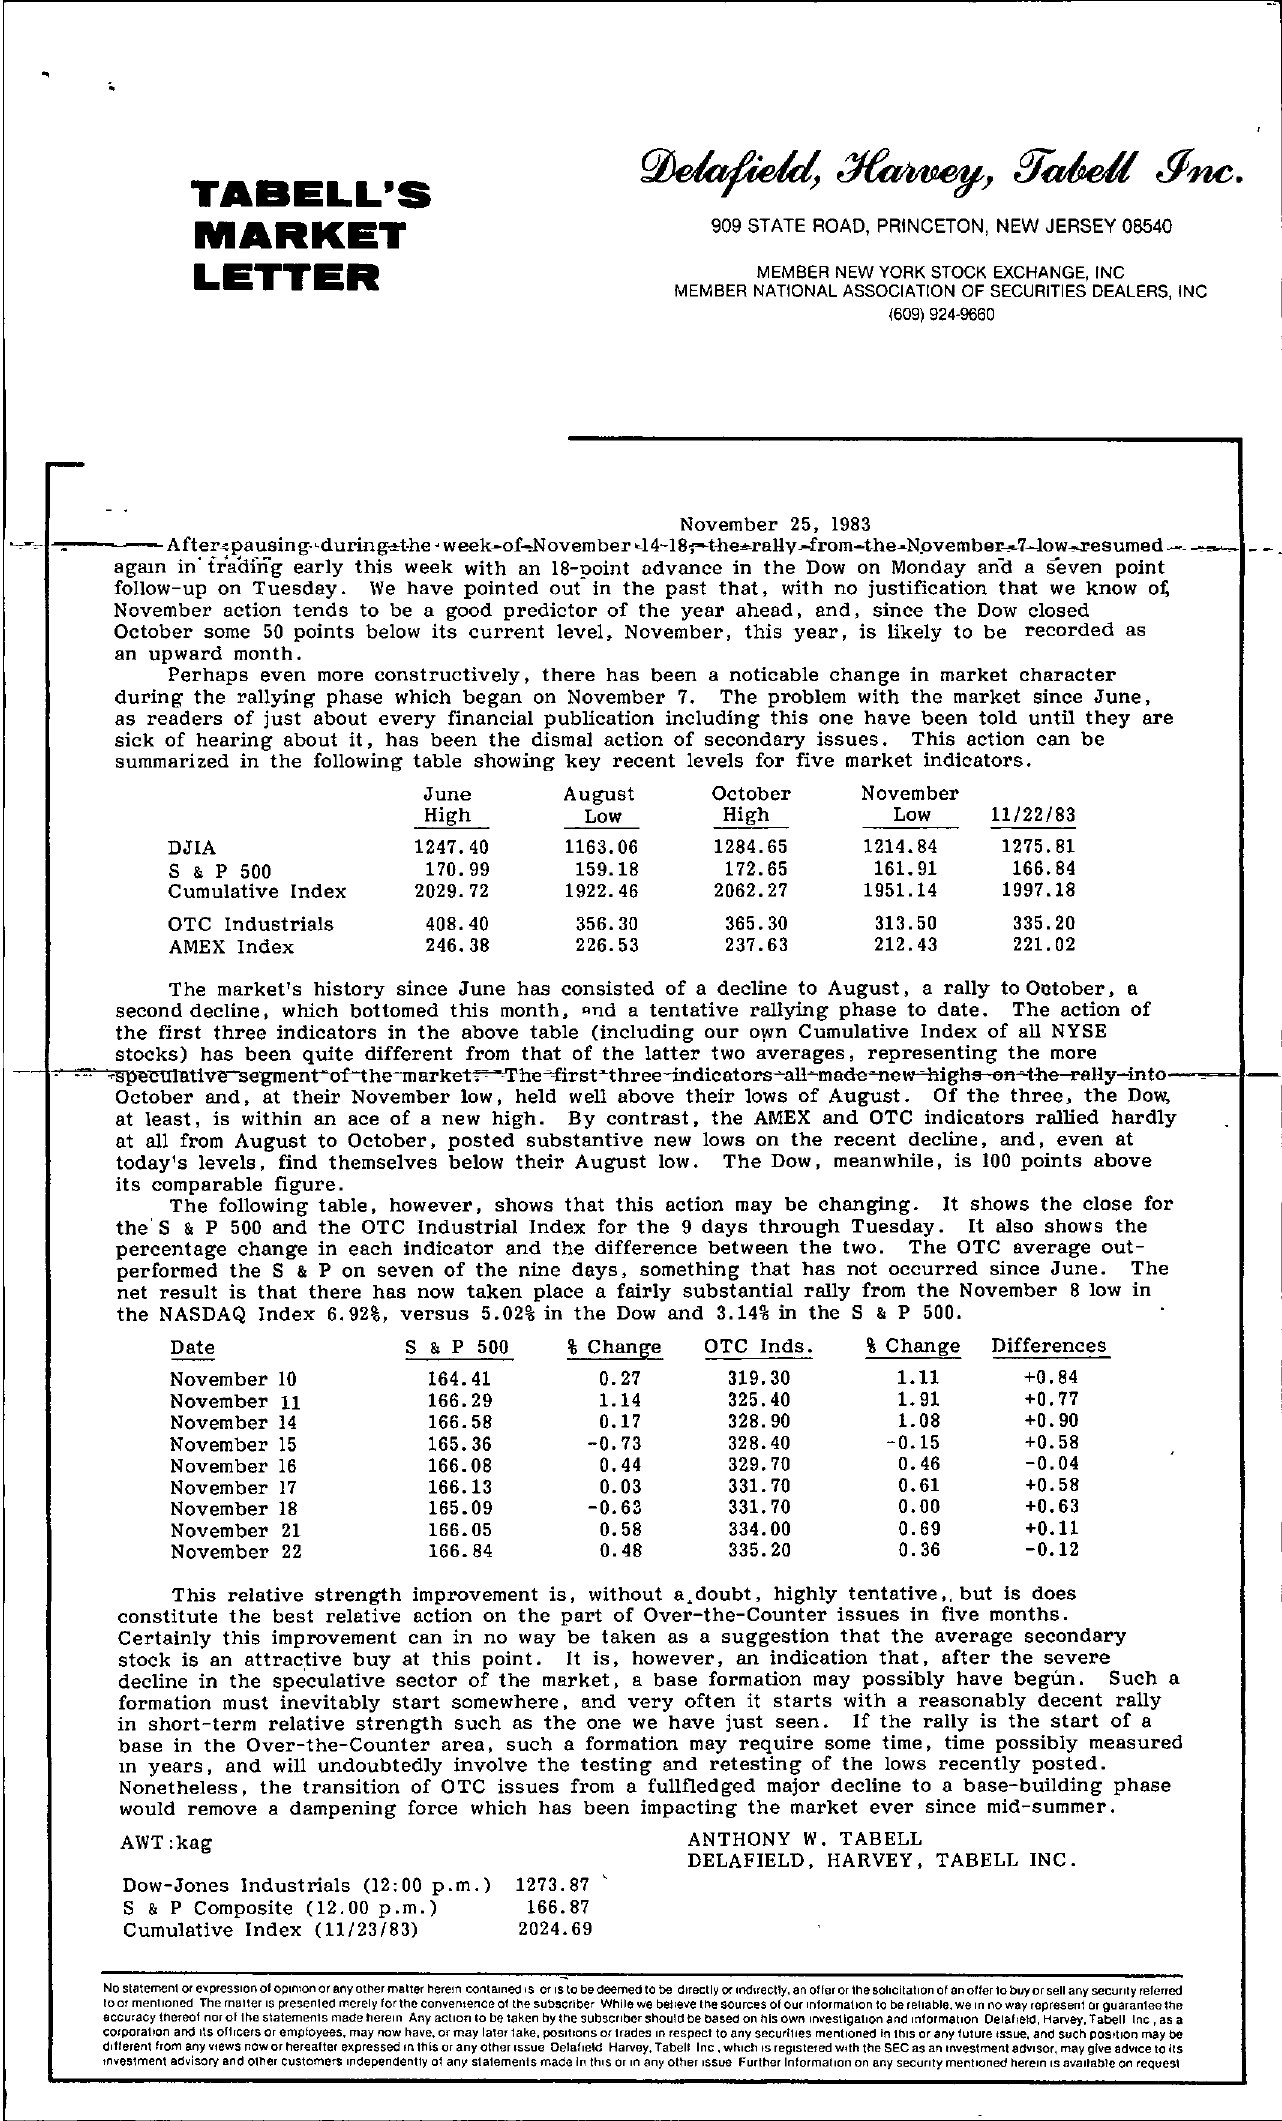 Tabell's Market Letter - November 25, 1983